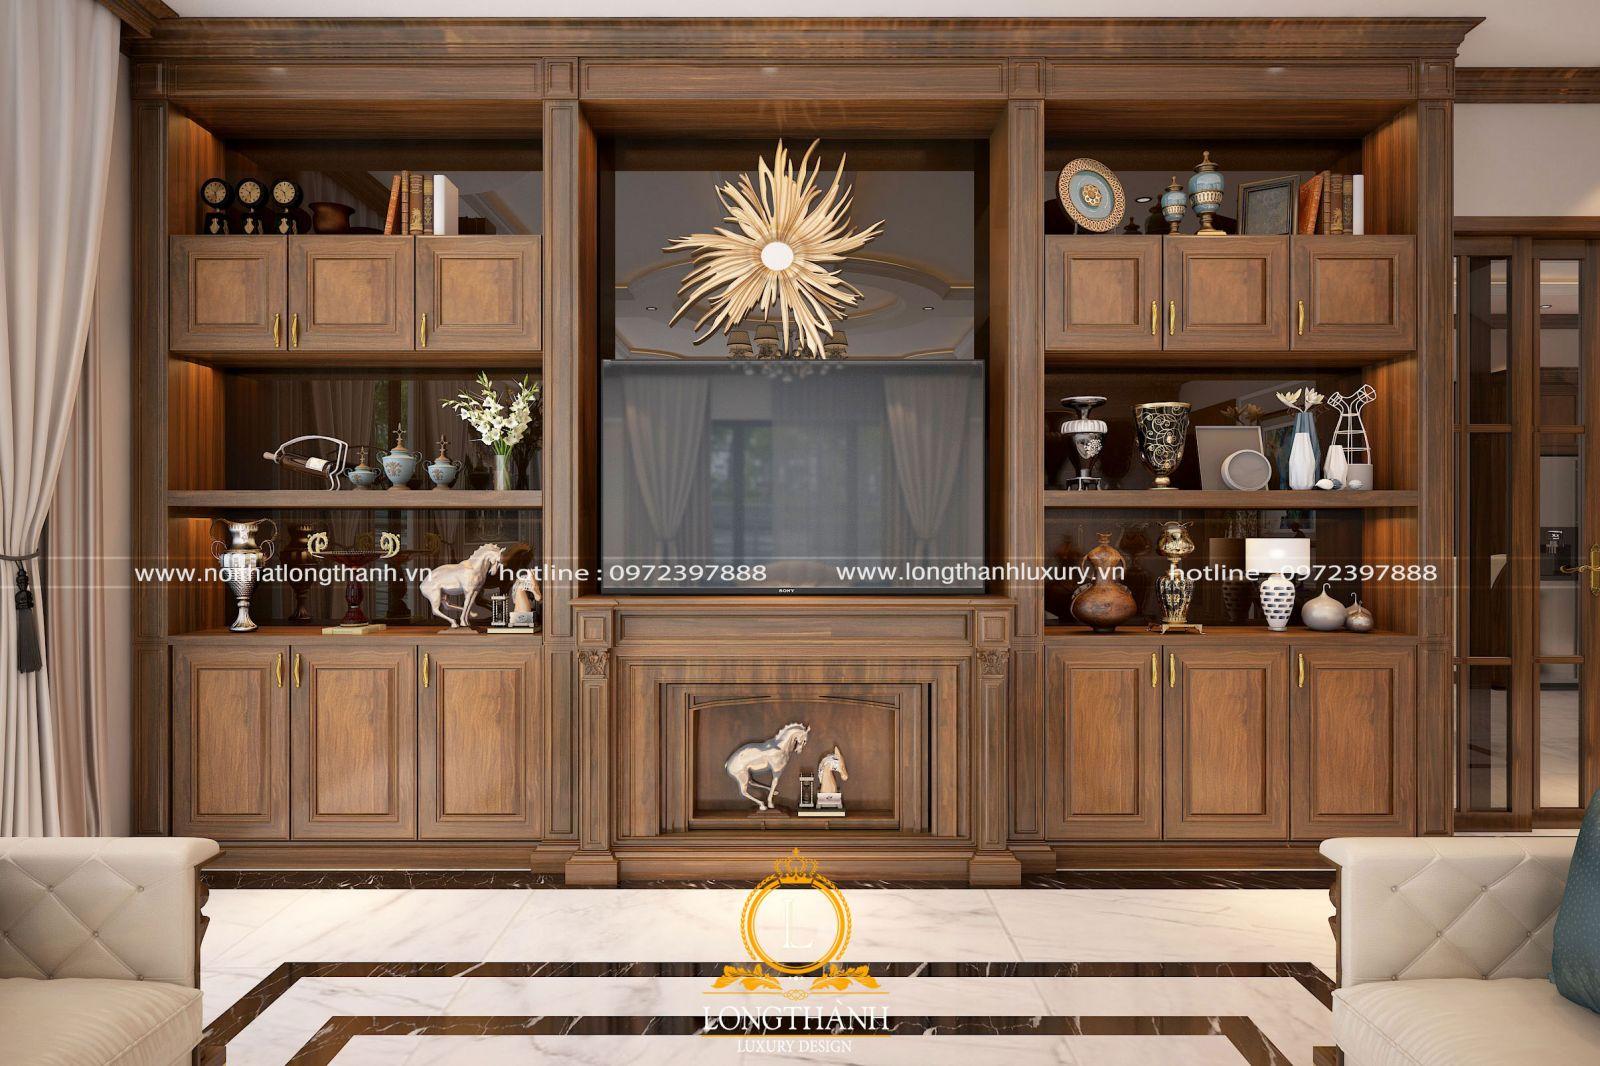 Kệ tivi kết hợp tủ trưng bày là một món đồ nội thất trang trí tân cổ điển